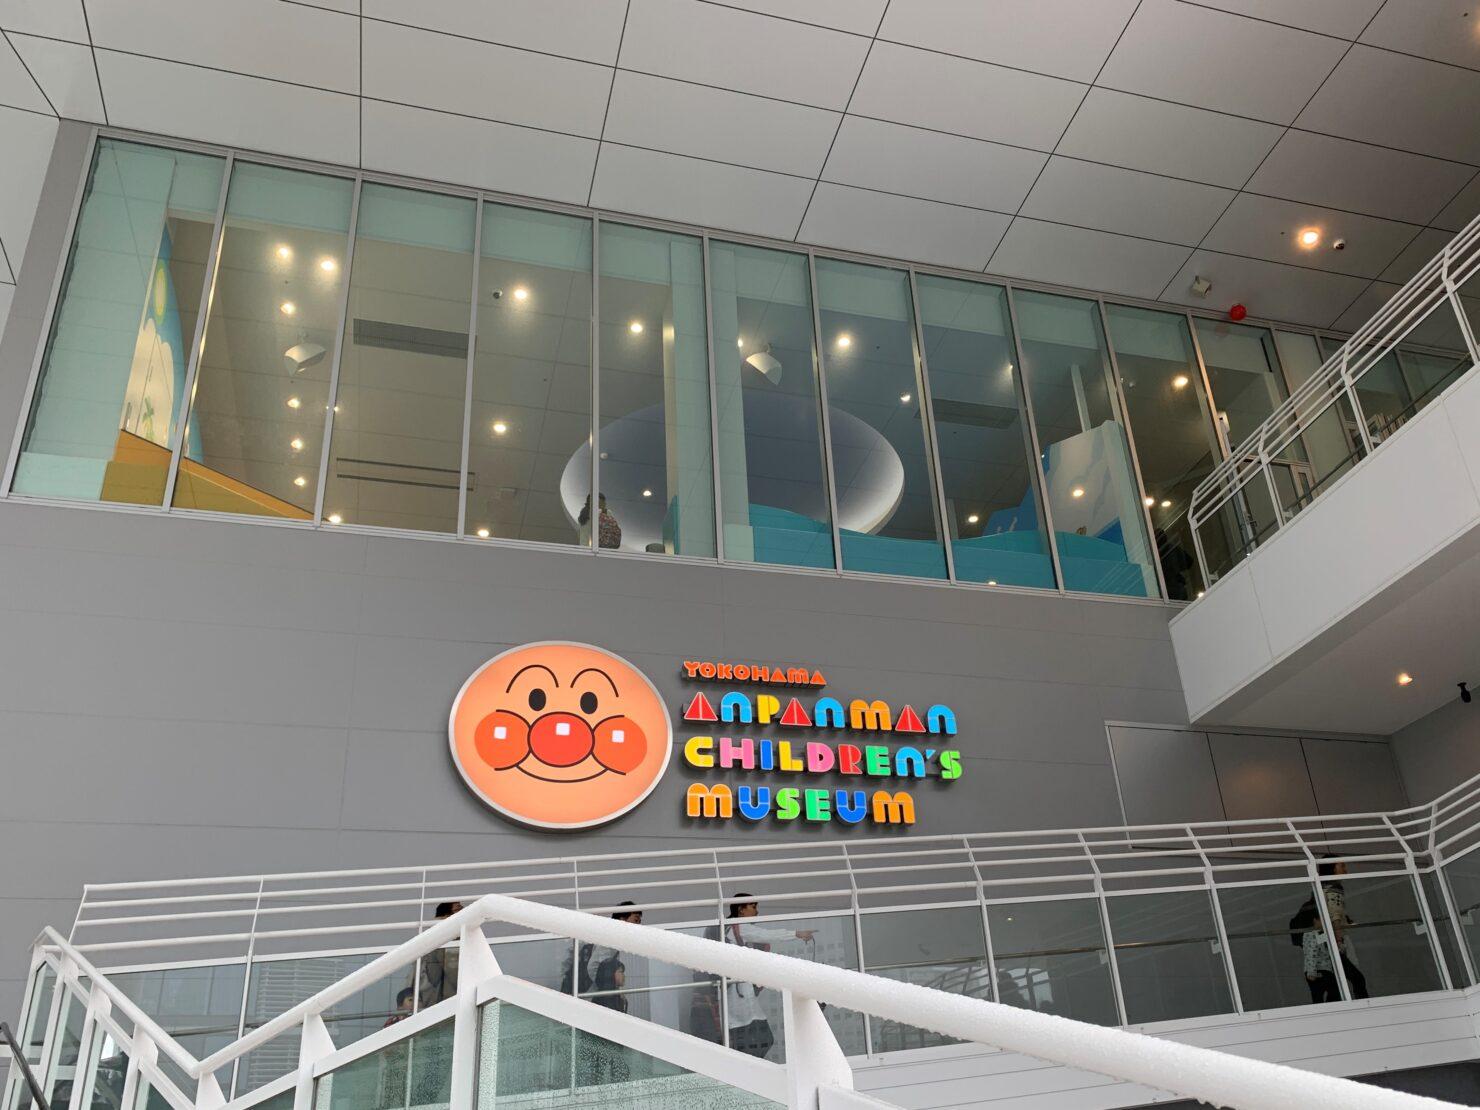 アンパンマンミュージアムの魅力は? 何歳の子供におすすめ? 誕生日限定特典などお得な6つのサービス